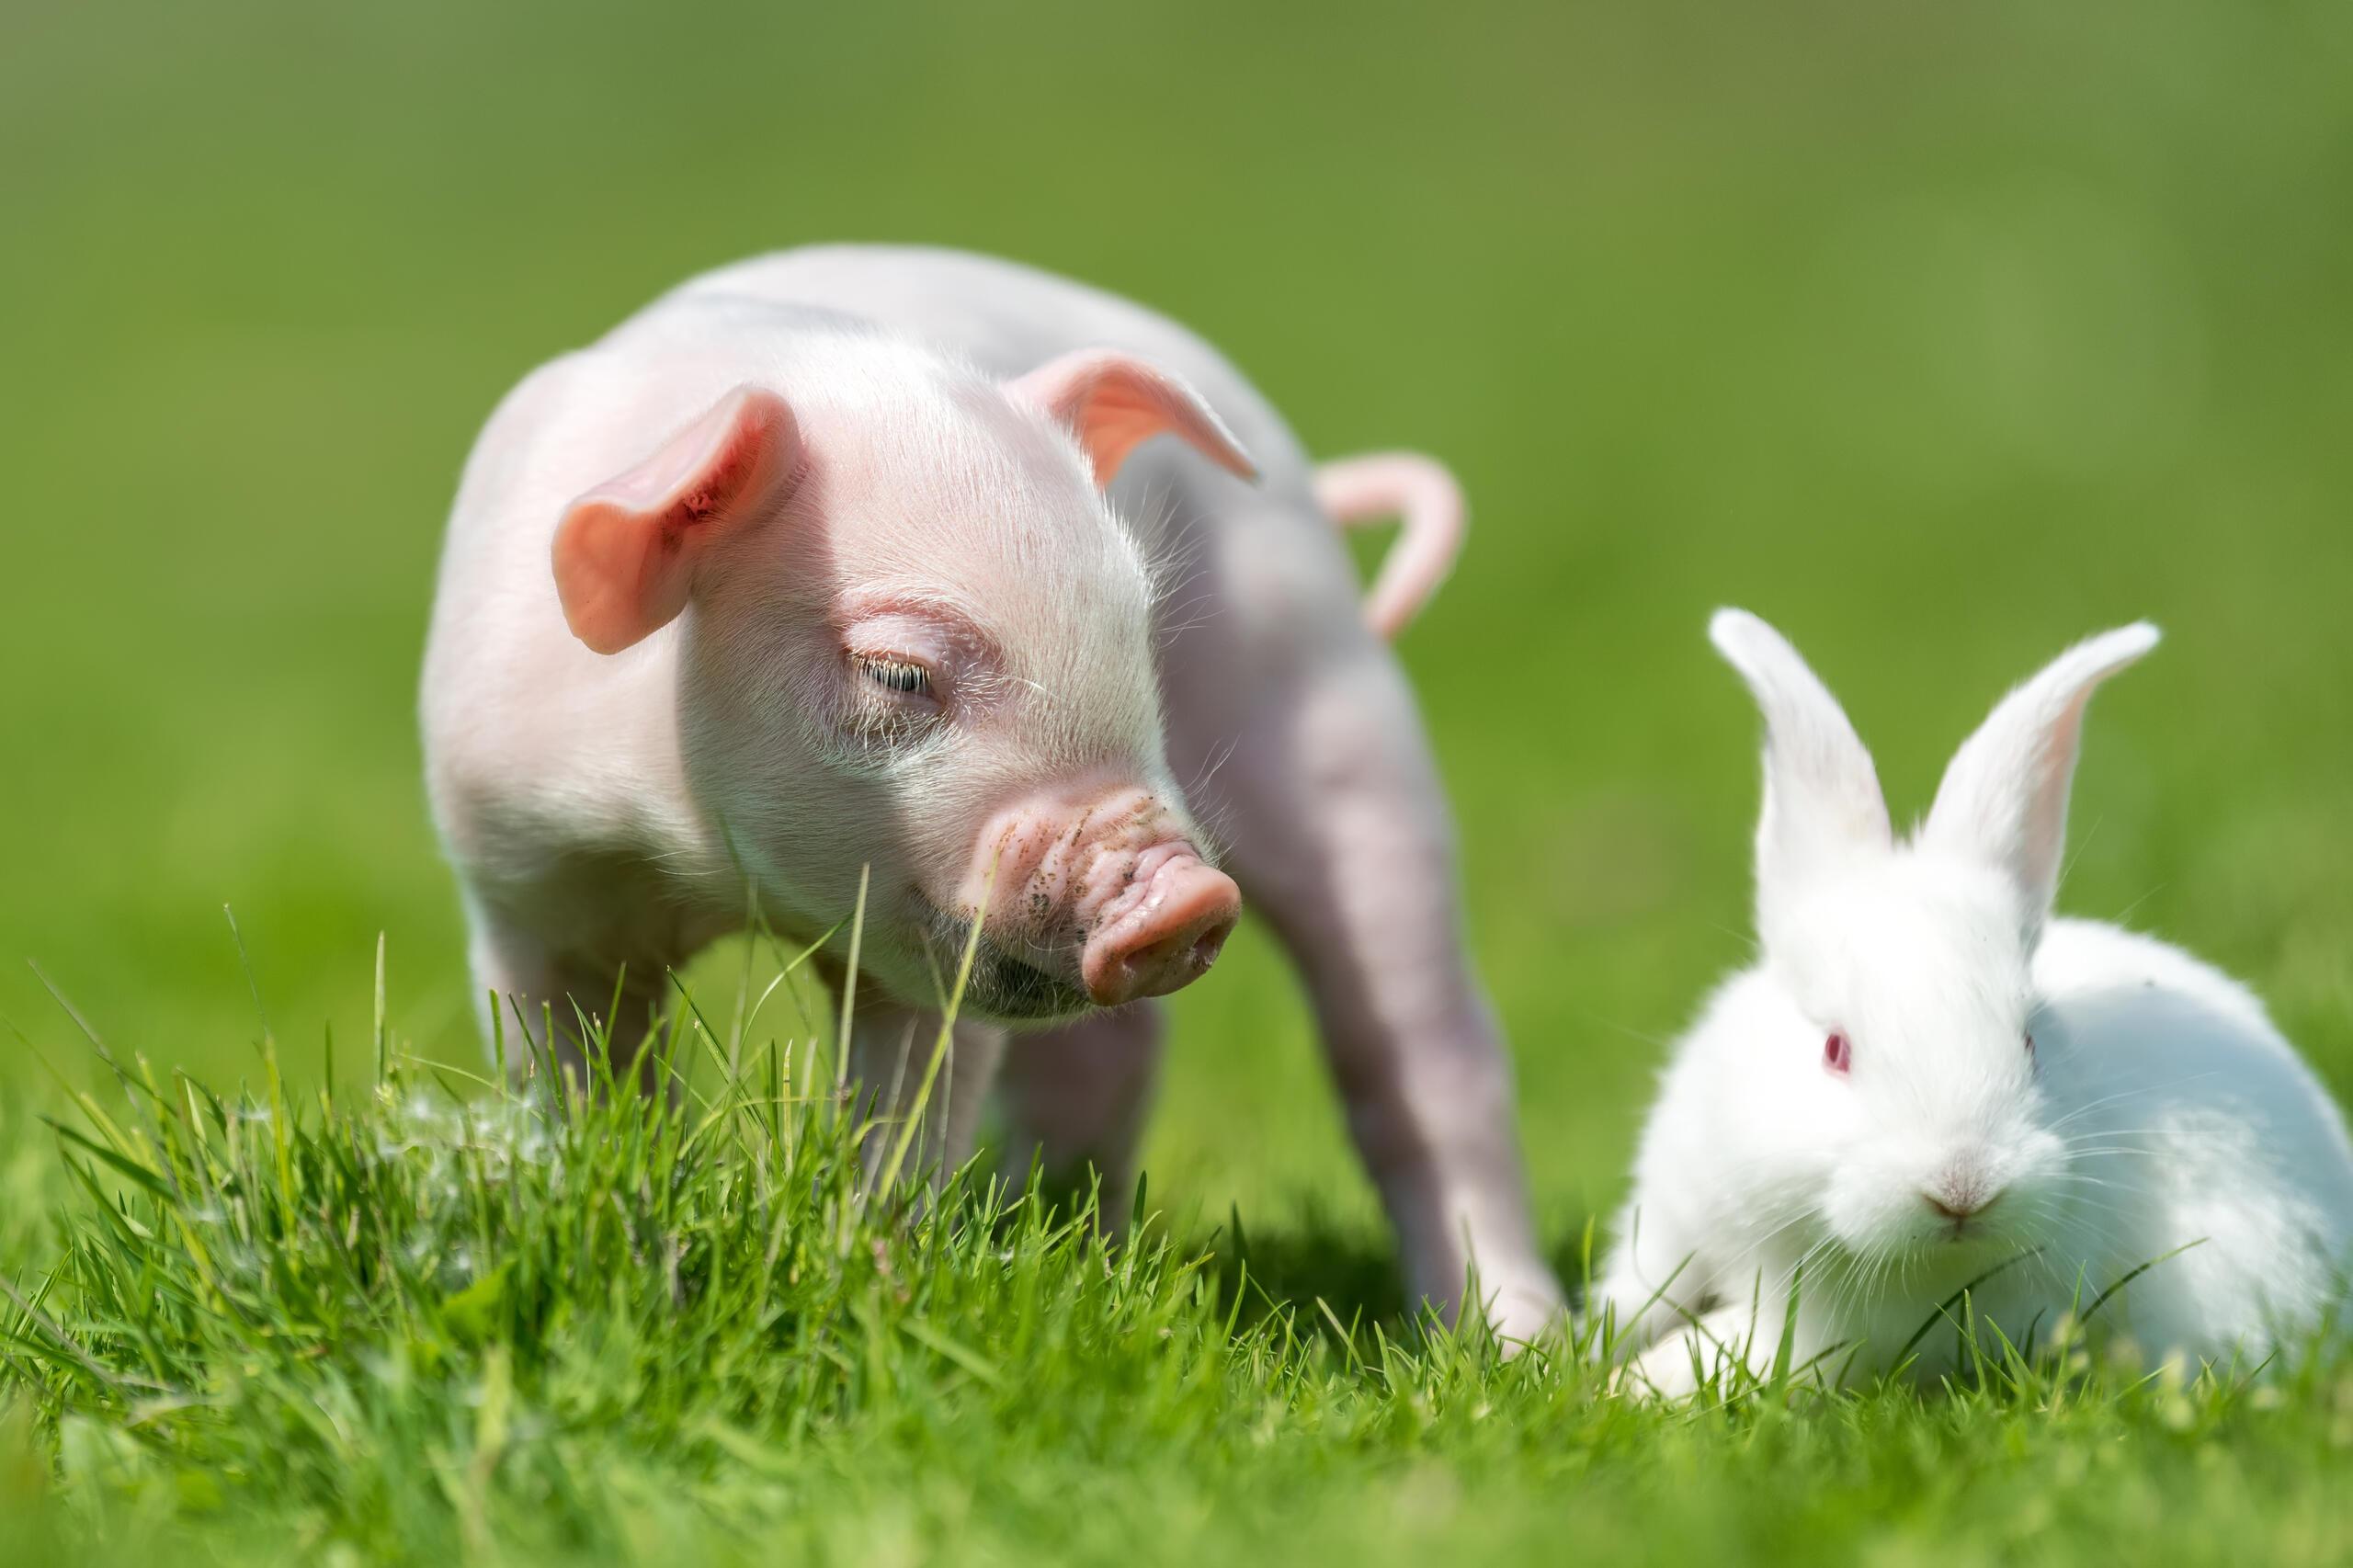 Jahr des Schweins - Chinesisches Horoskop 2019 - schicksal.com